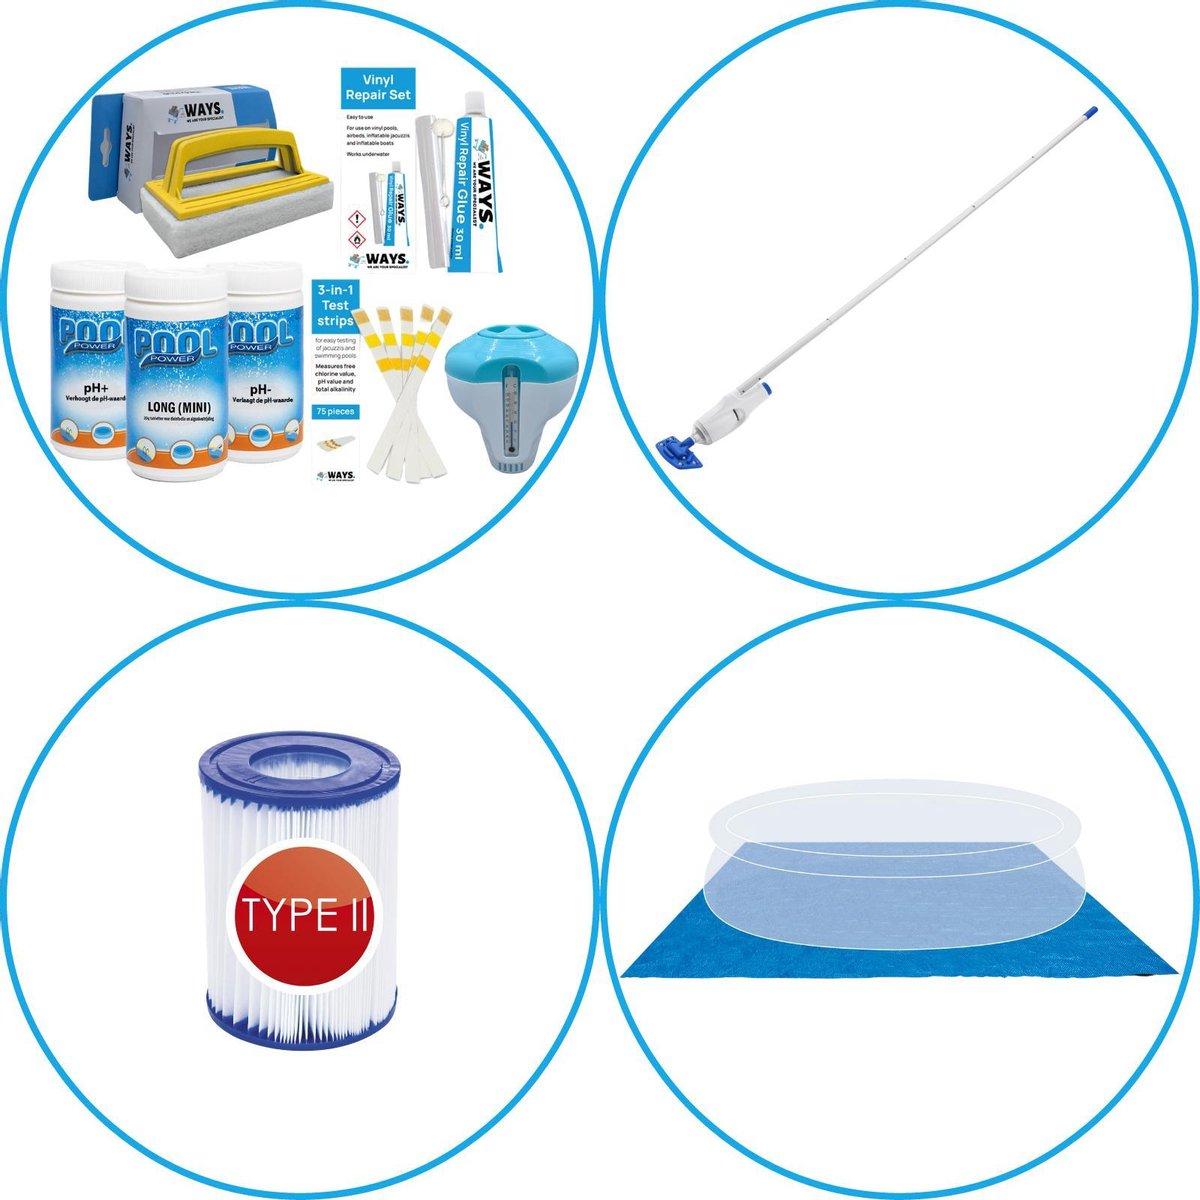 WAYS - Zwembad Accessoirepakket 4-delig - WAYS Onderhoudspakket & Zwembad filters Type II & Zwembad stofzuiger & Grondzeil